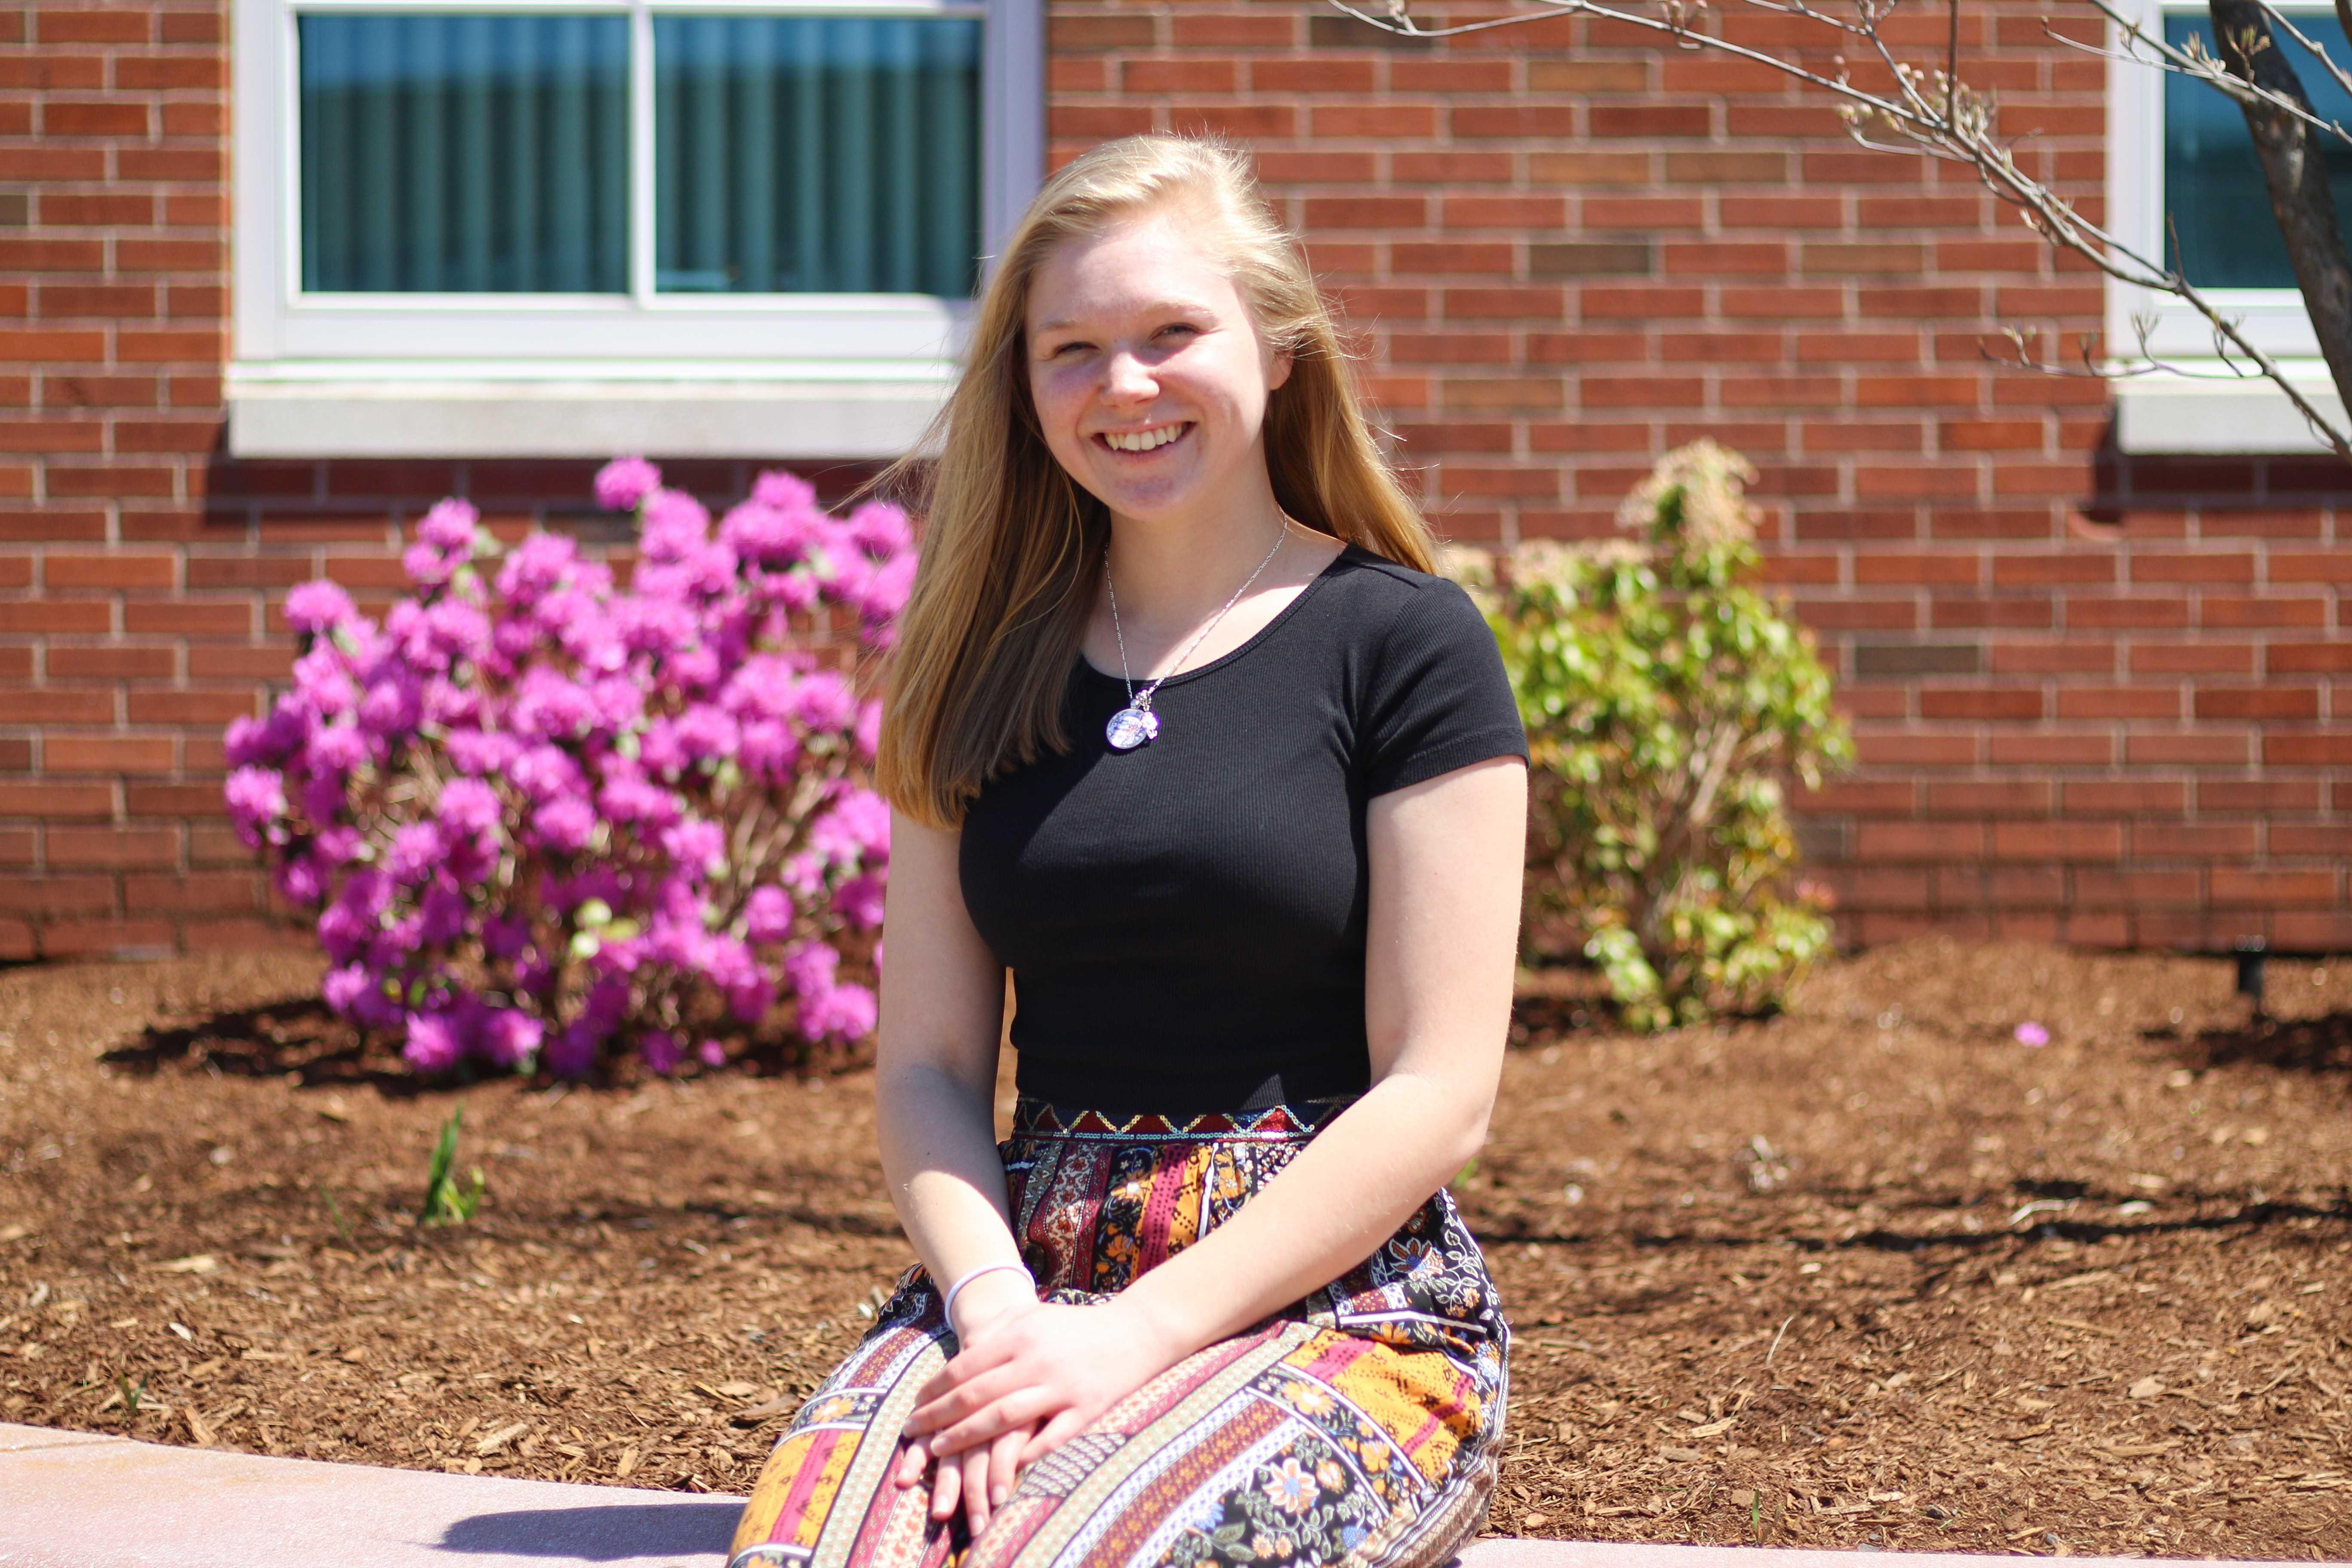 Senior Send-off: Lindsay Pytel